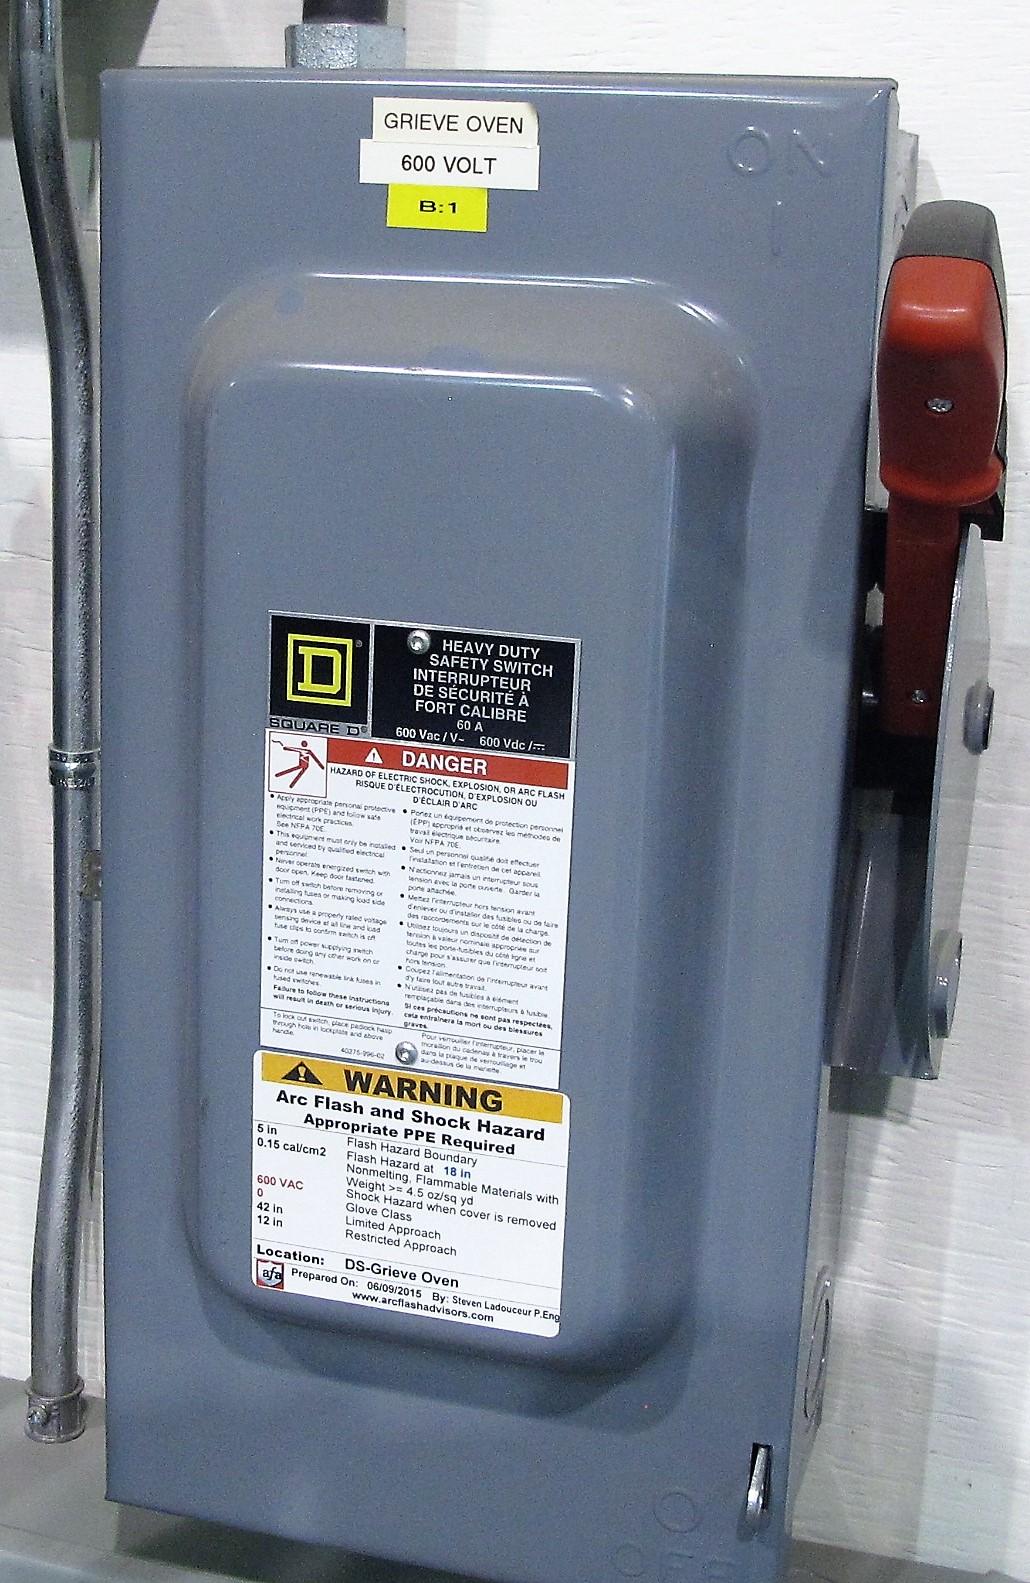 Lot 7 - GRIEVE TB-550, 575 VOLT ELECTRIC OVEN, 4'W X 5'T X 54'D, WATLOW EZ-ZONE CONTROL, S/N 104139A0911